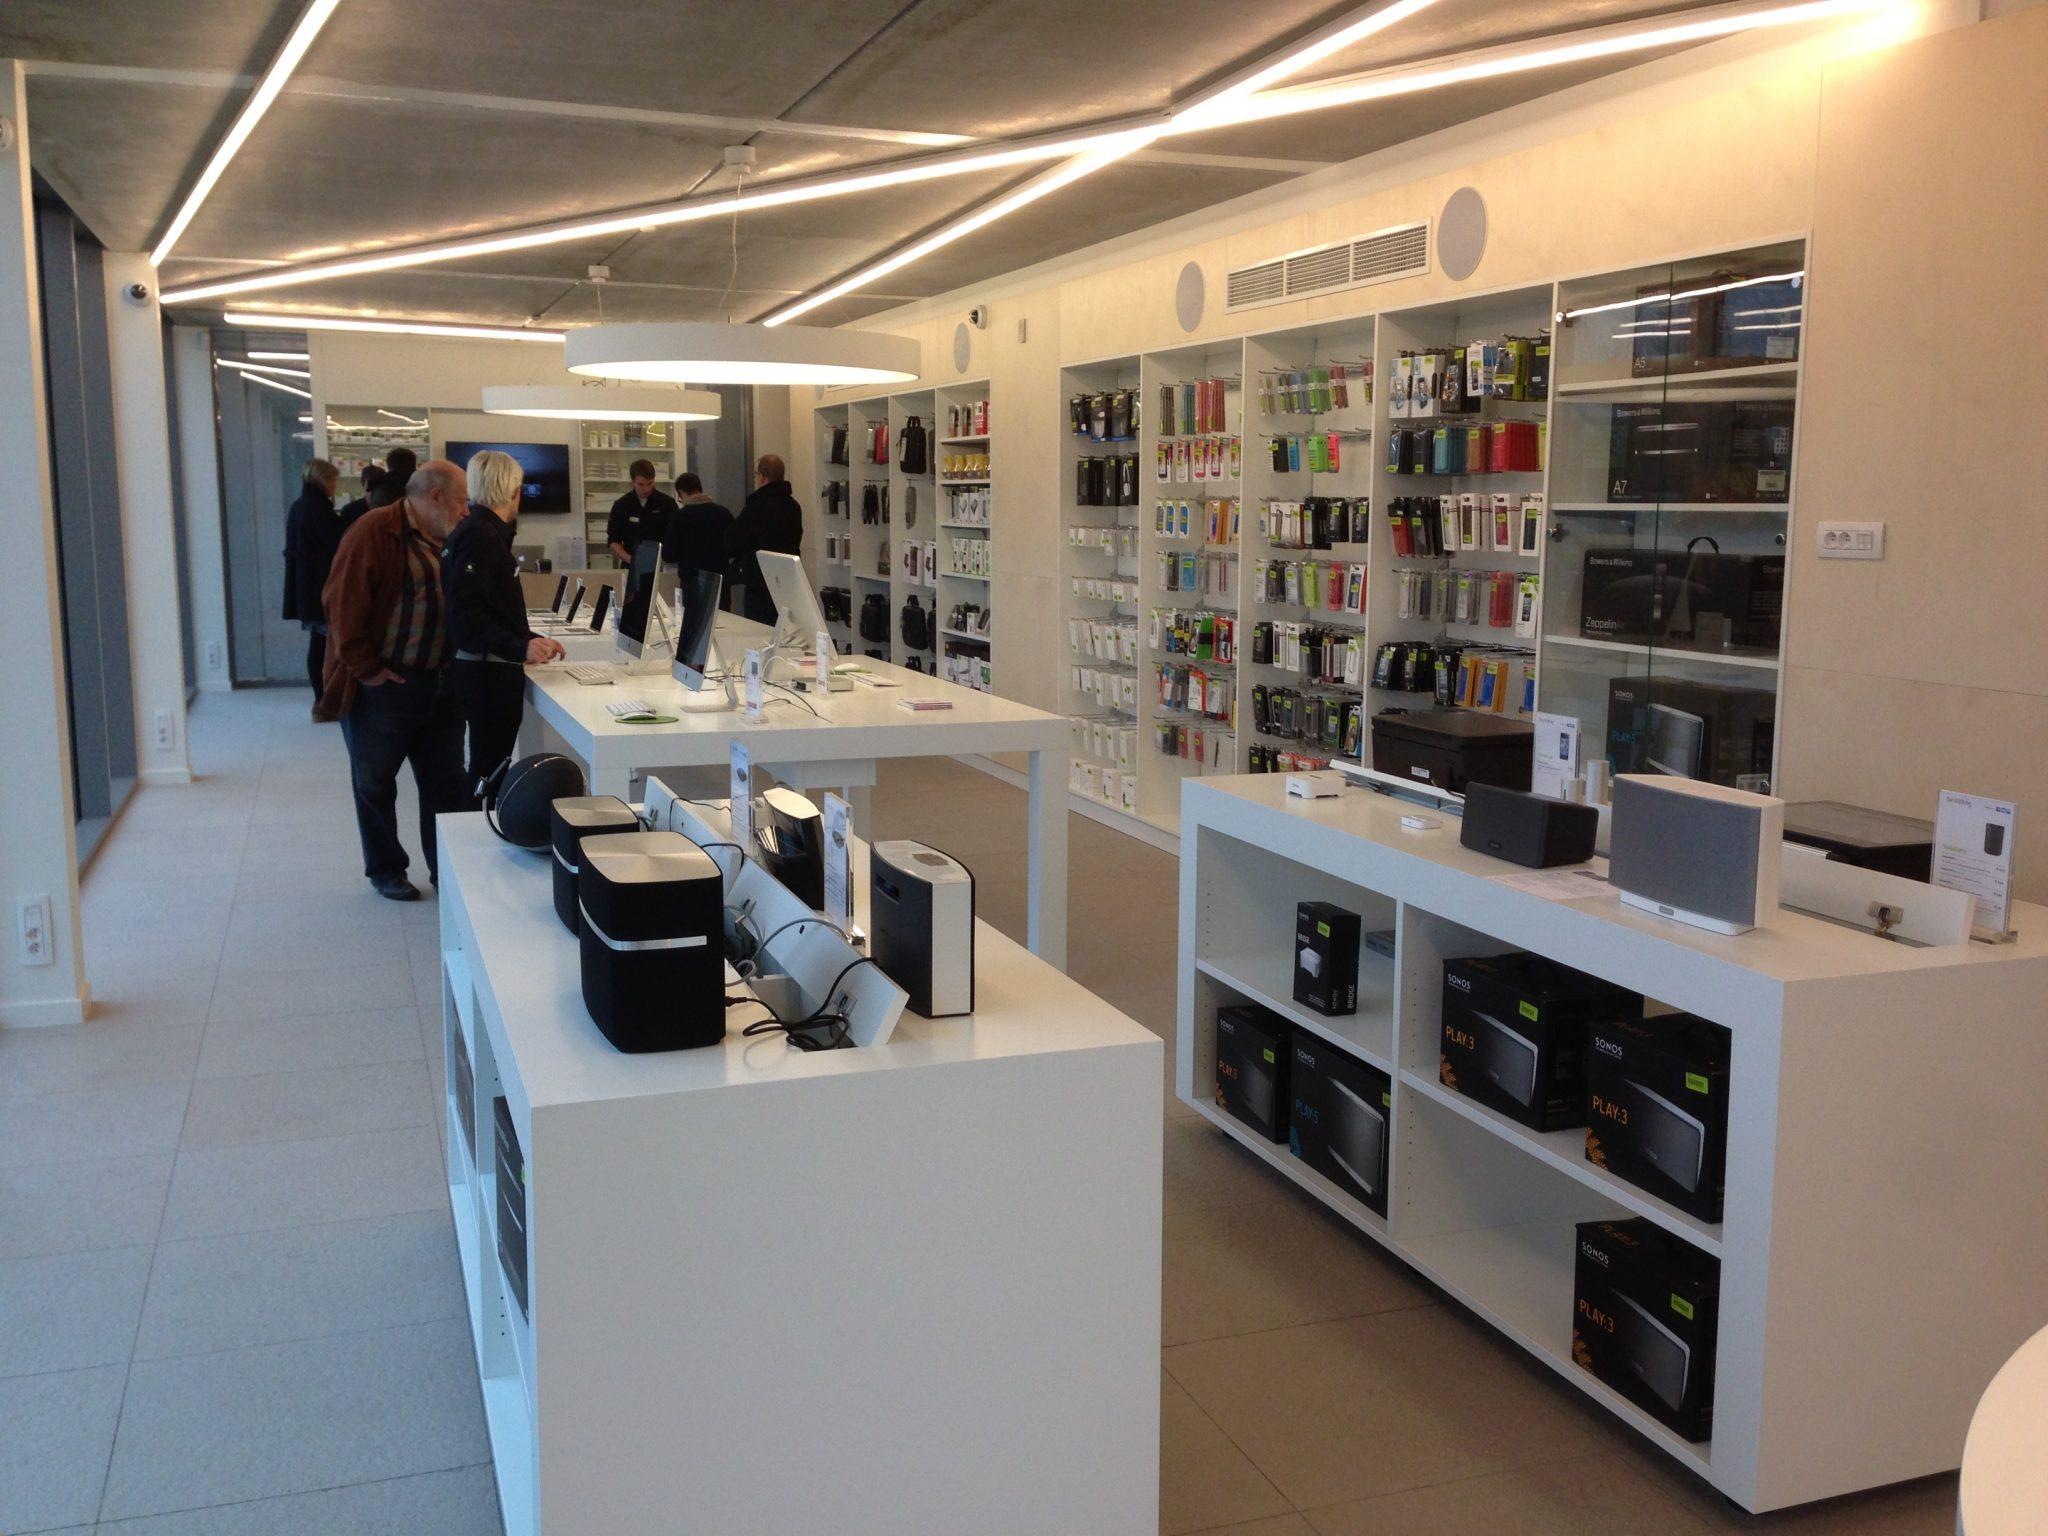 Switch latem geopend apple nieuws vlaanderen - Makers van het interieur ...